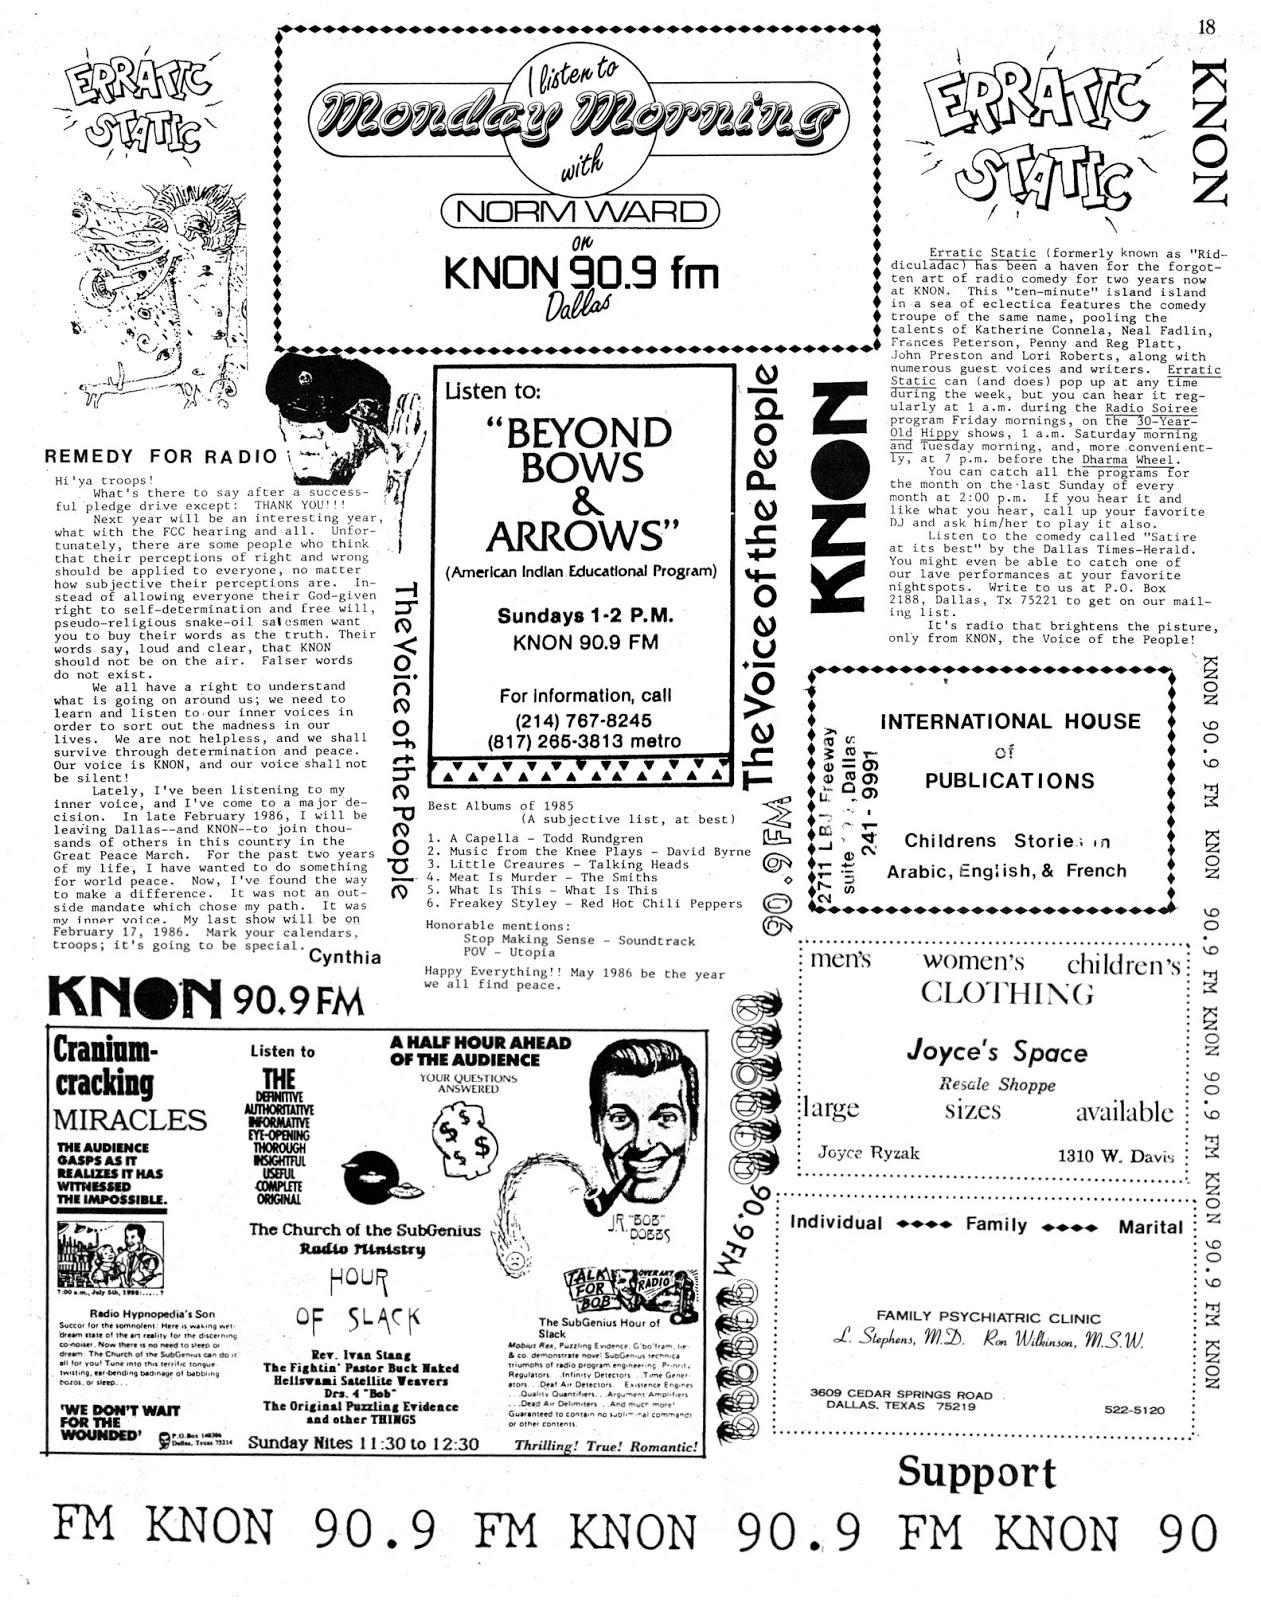 scrapbook-1985-issue-2-p18